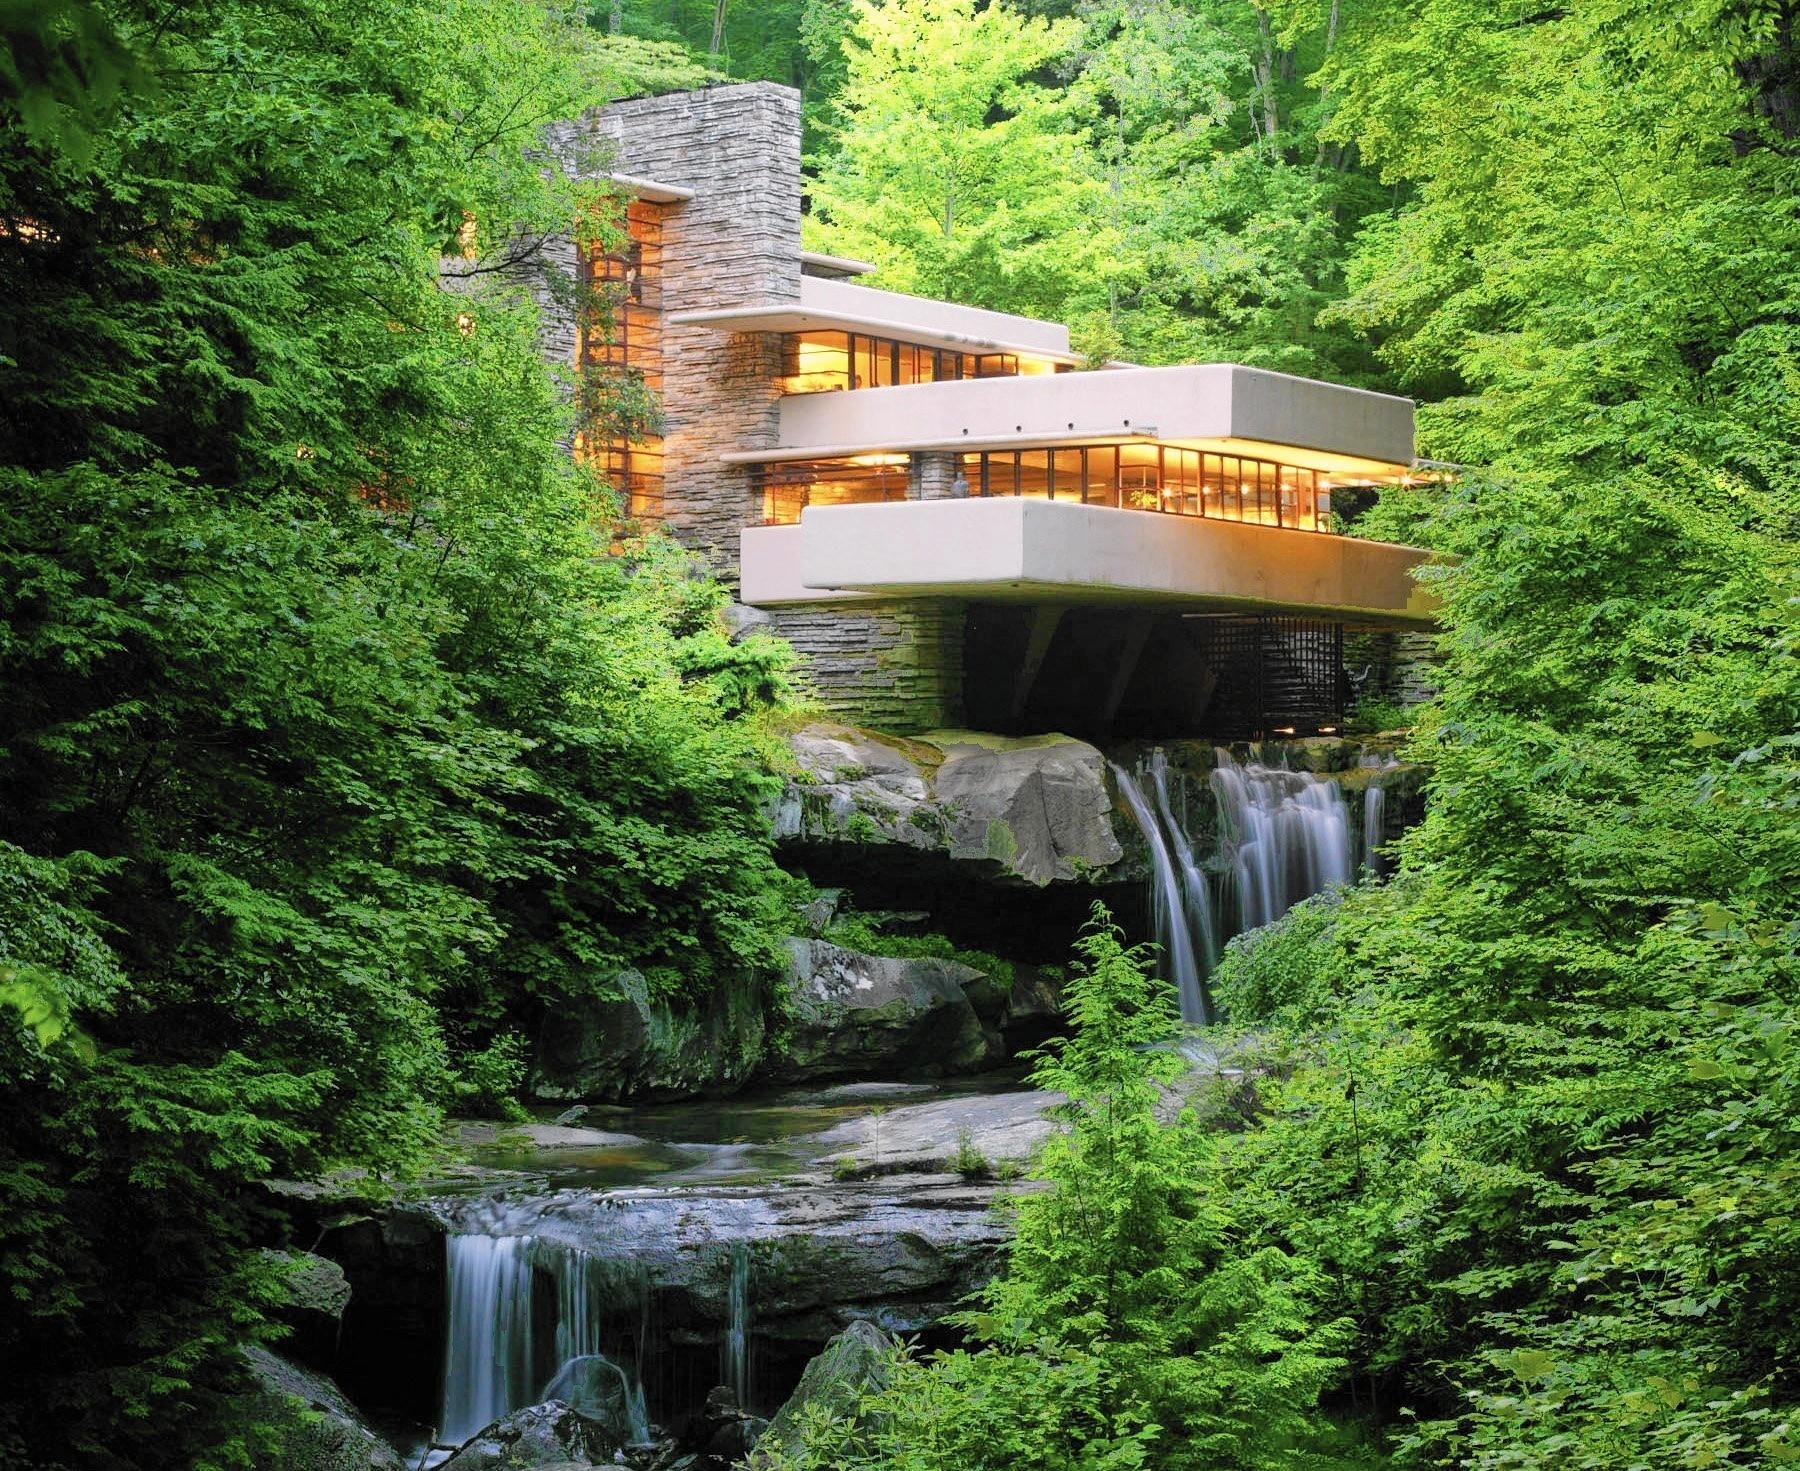 Casa sulla cascata architetto frank lloyd wright blog for Frank lloyd wright casa della prateria